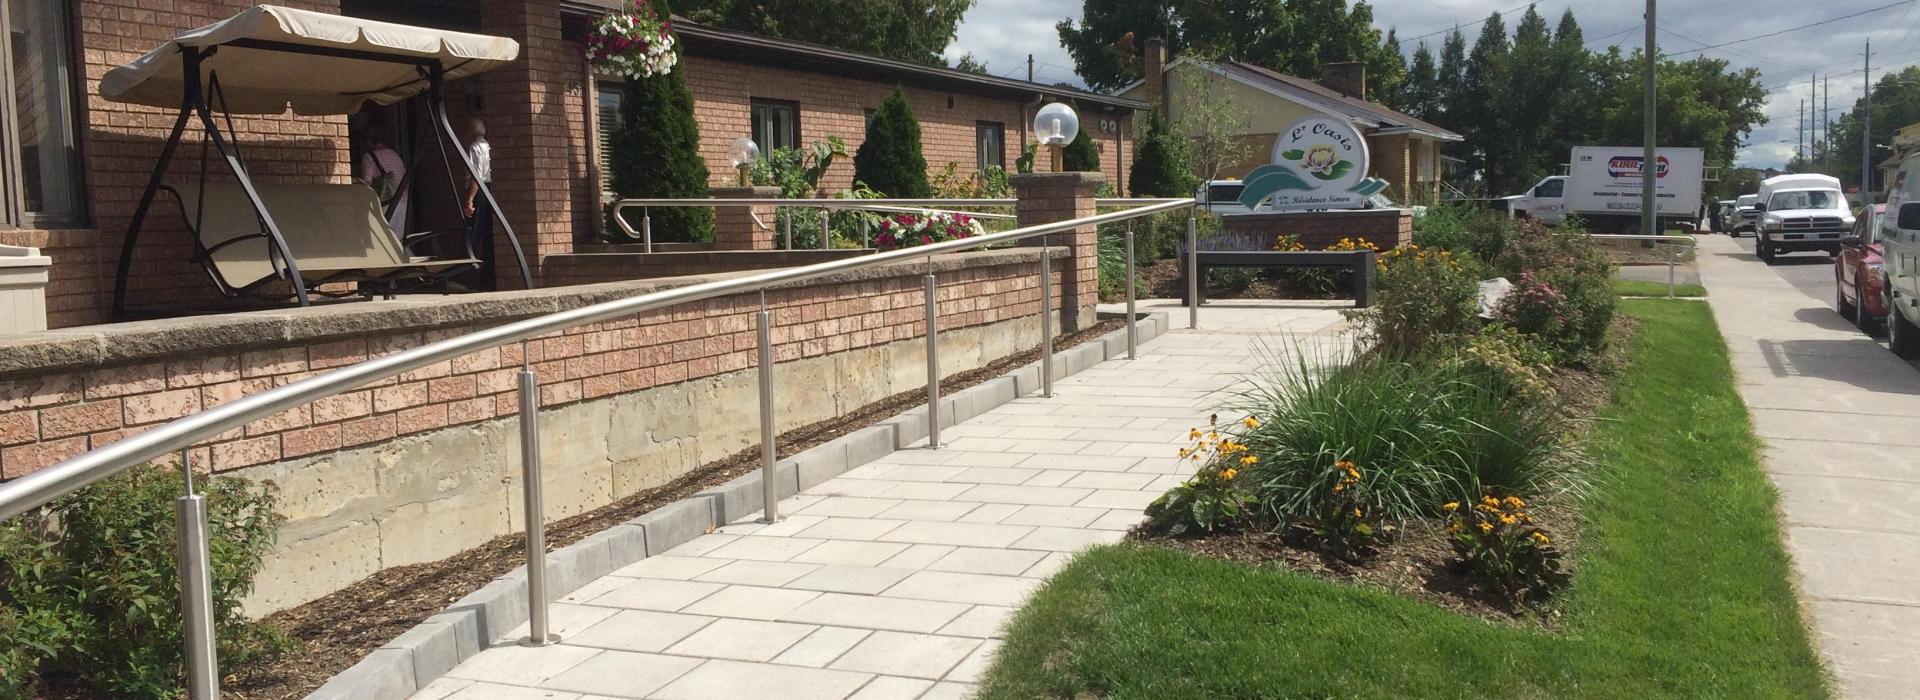 Entrance Walkway / Ramp